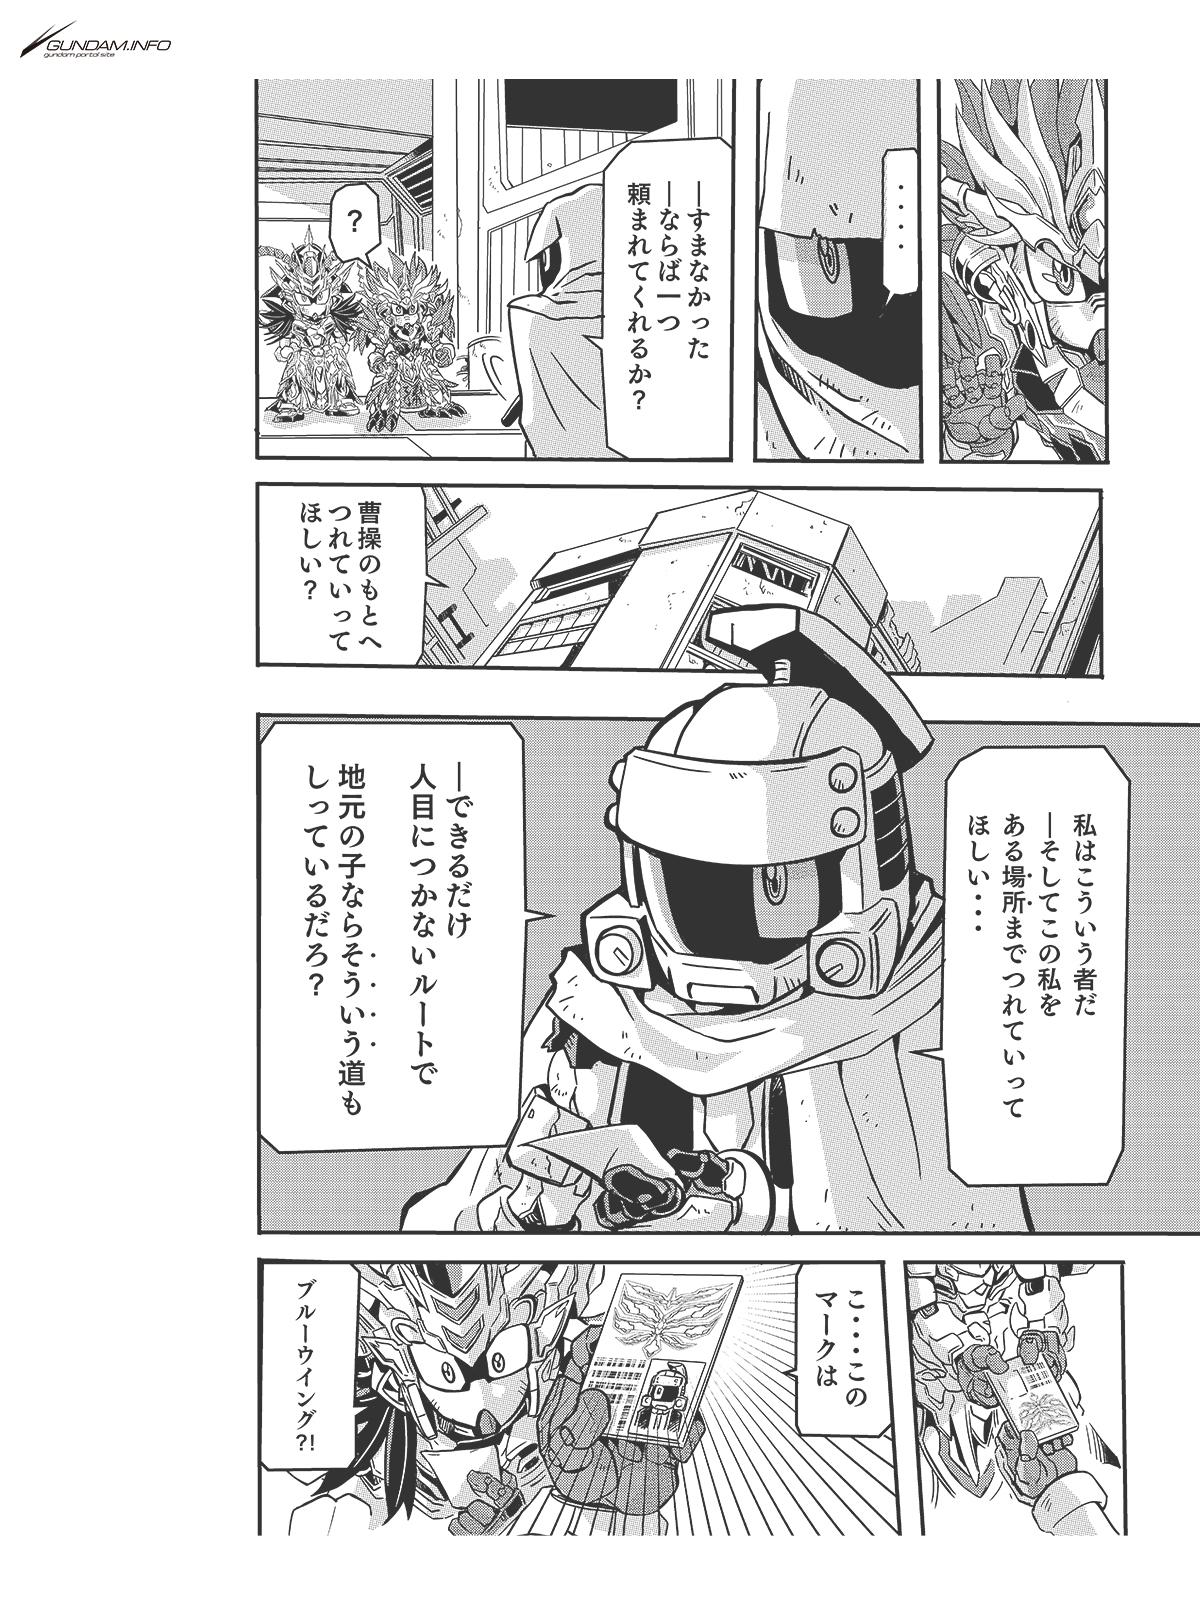 SDガンダムワールド 三国創傑伝 焔虎譚 第3話 P7